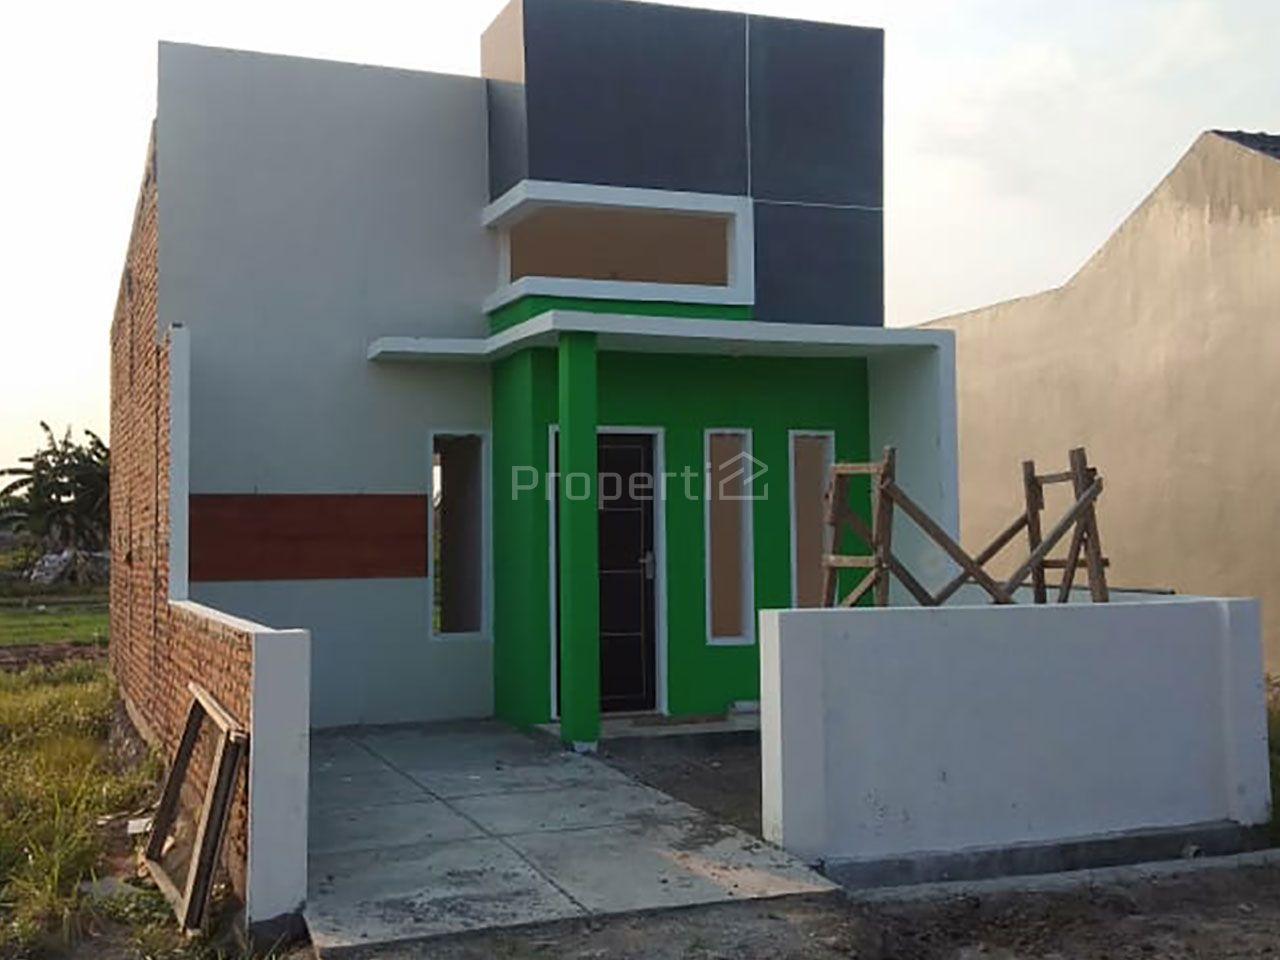 Rumah Baru di Perumahan Griya Alam Sentosa Sidoarjo, Jawa Timur